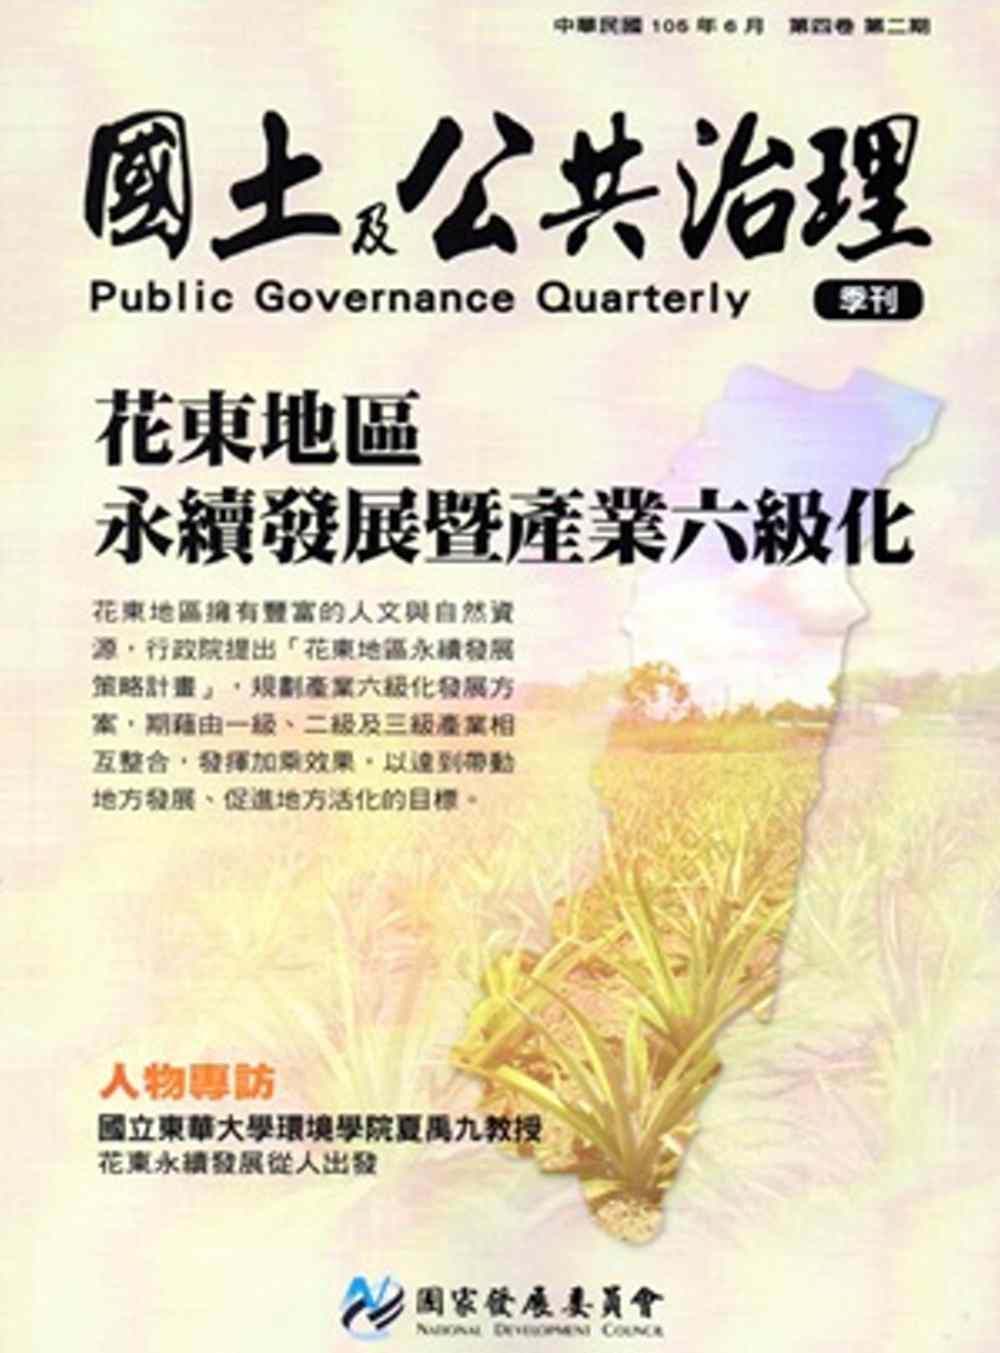 國土及公共治理季刊第4卷第2期(105.06)